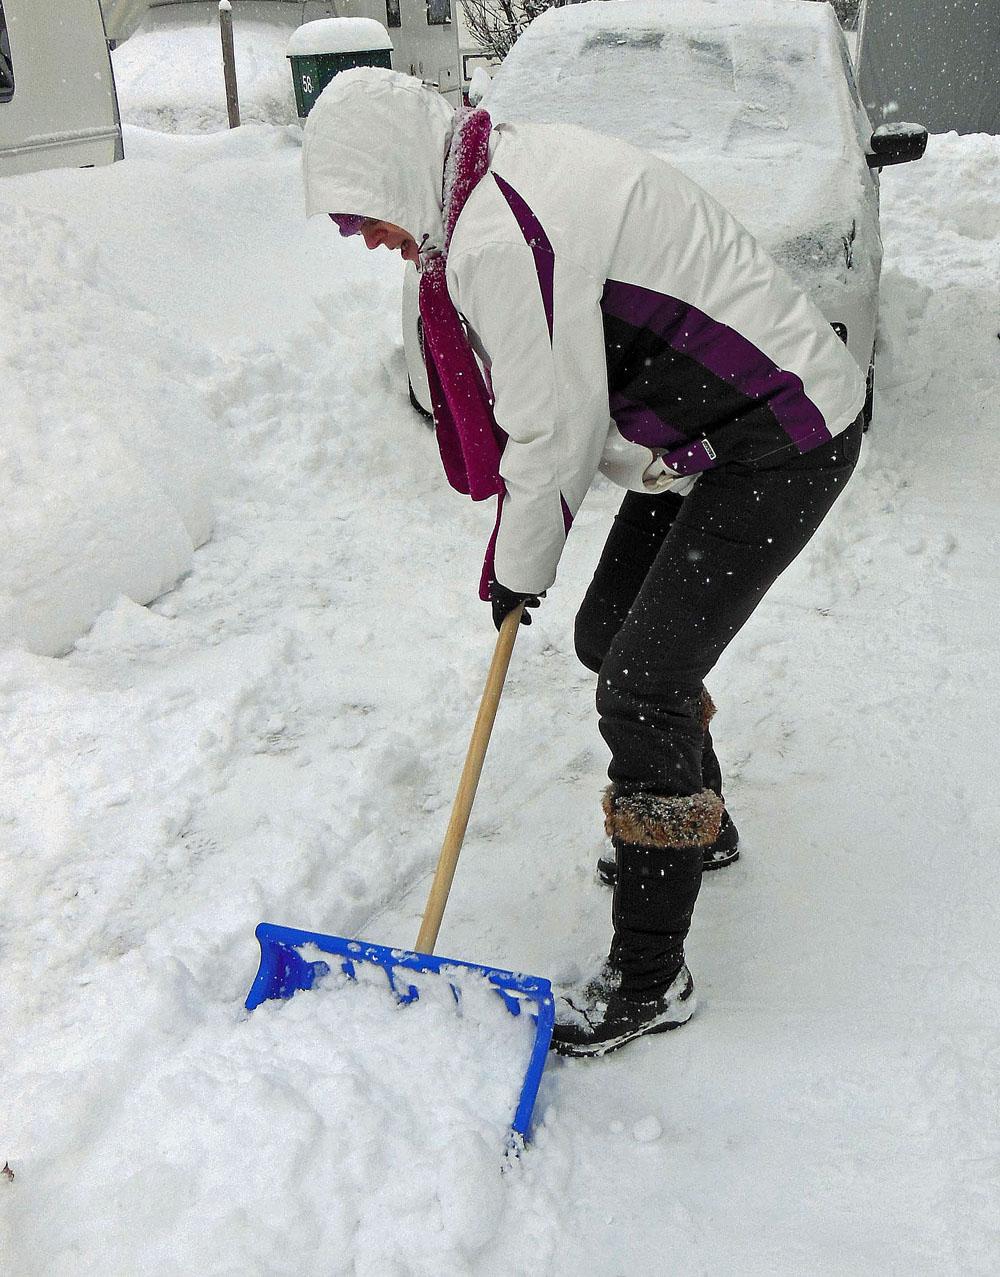 Schneeschieben2 wheoF